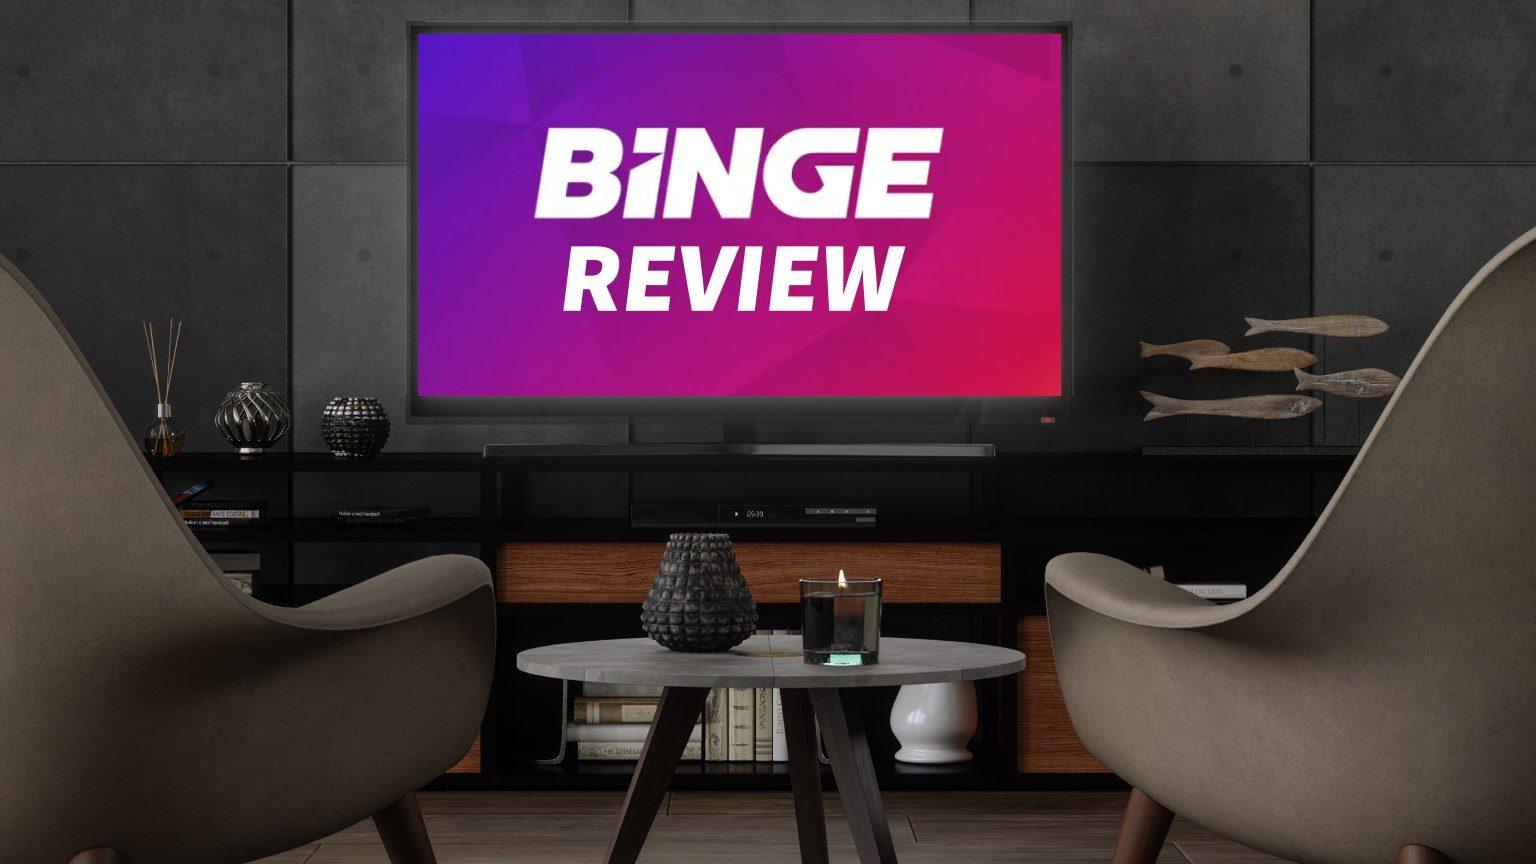 Binge TV Review M